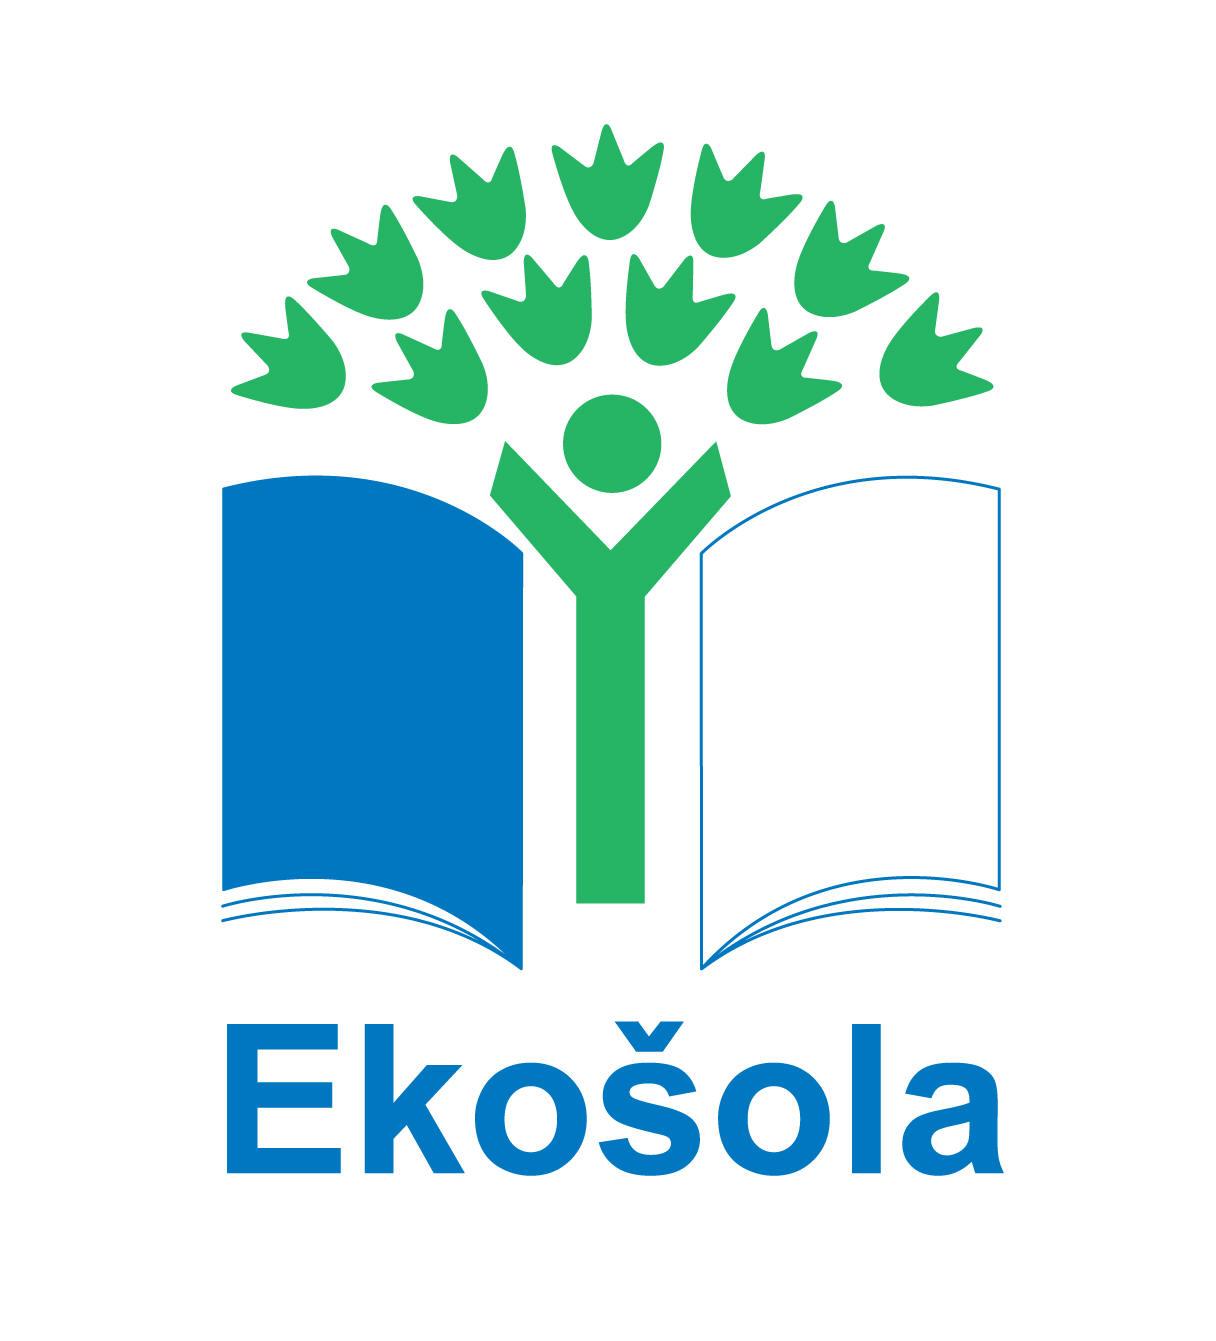 Eko_so1